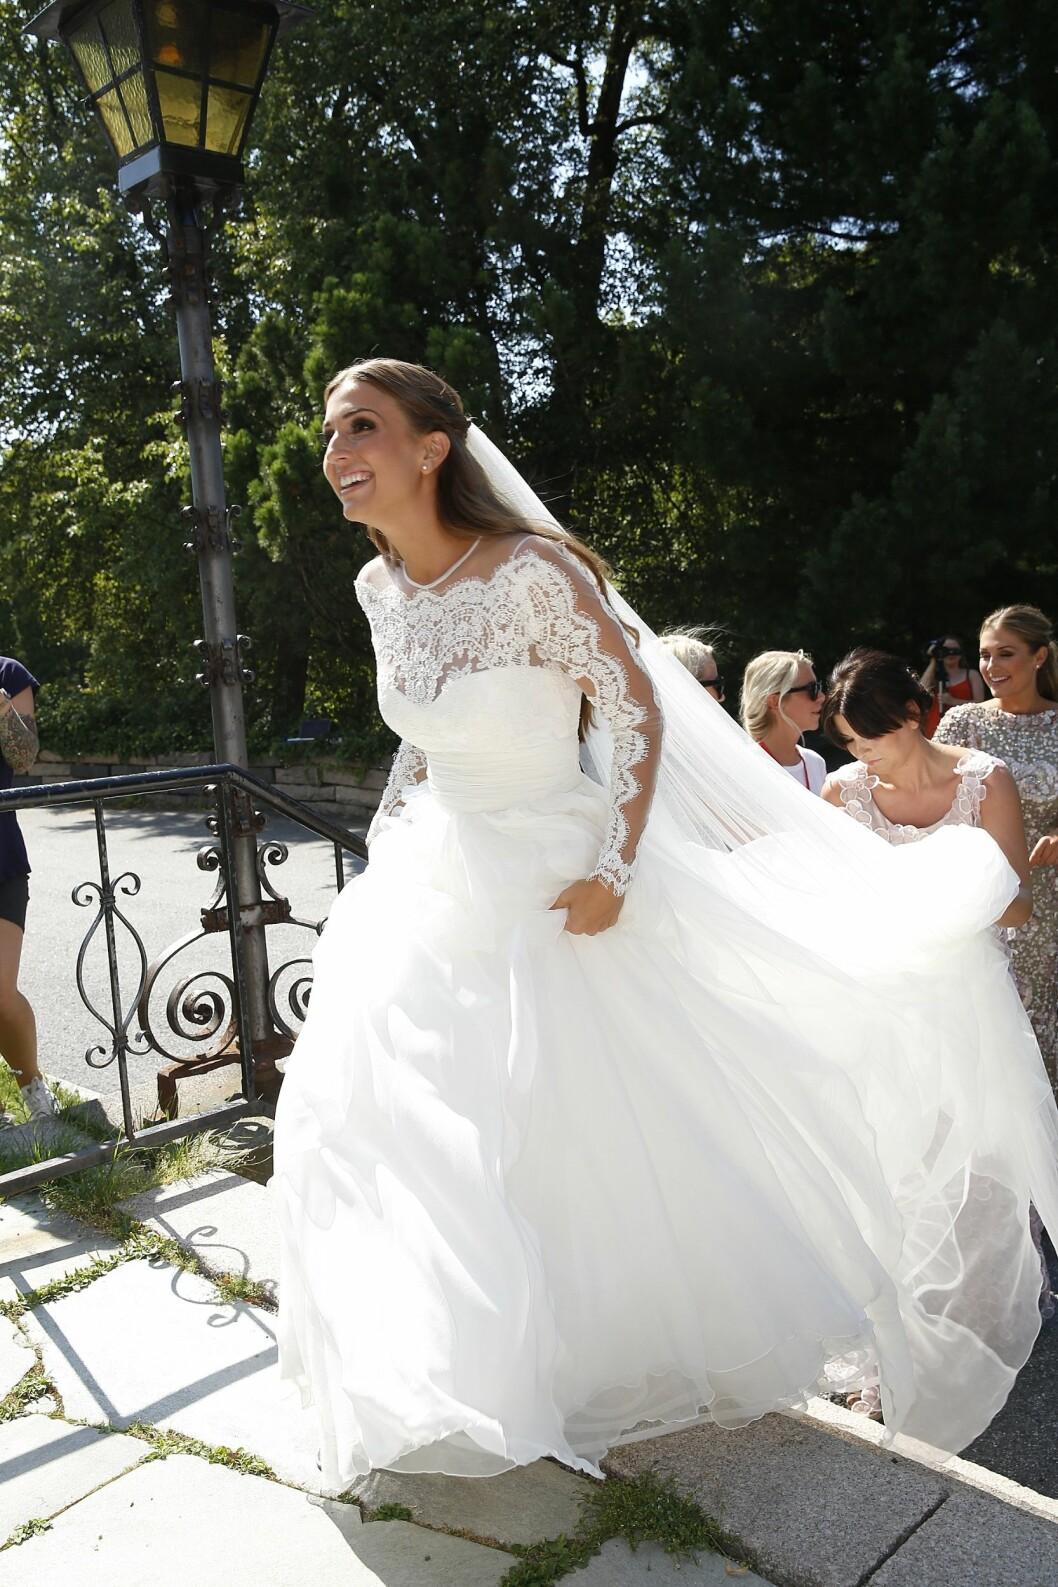 VAKKER I HVITT: Tale kunne ikke sett mer lykkelig ut i sin vakre brudekjole. Foto: Espen Solli